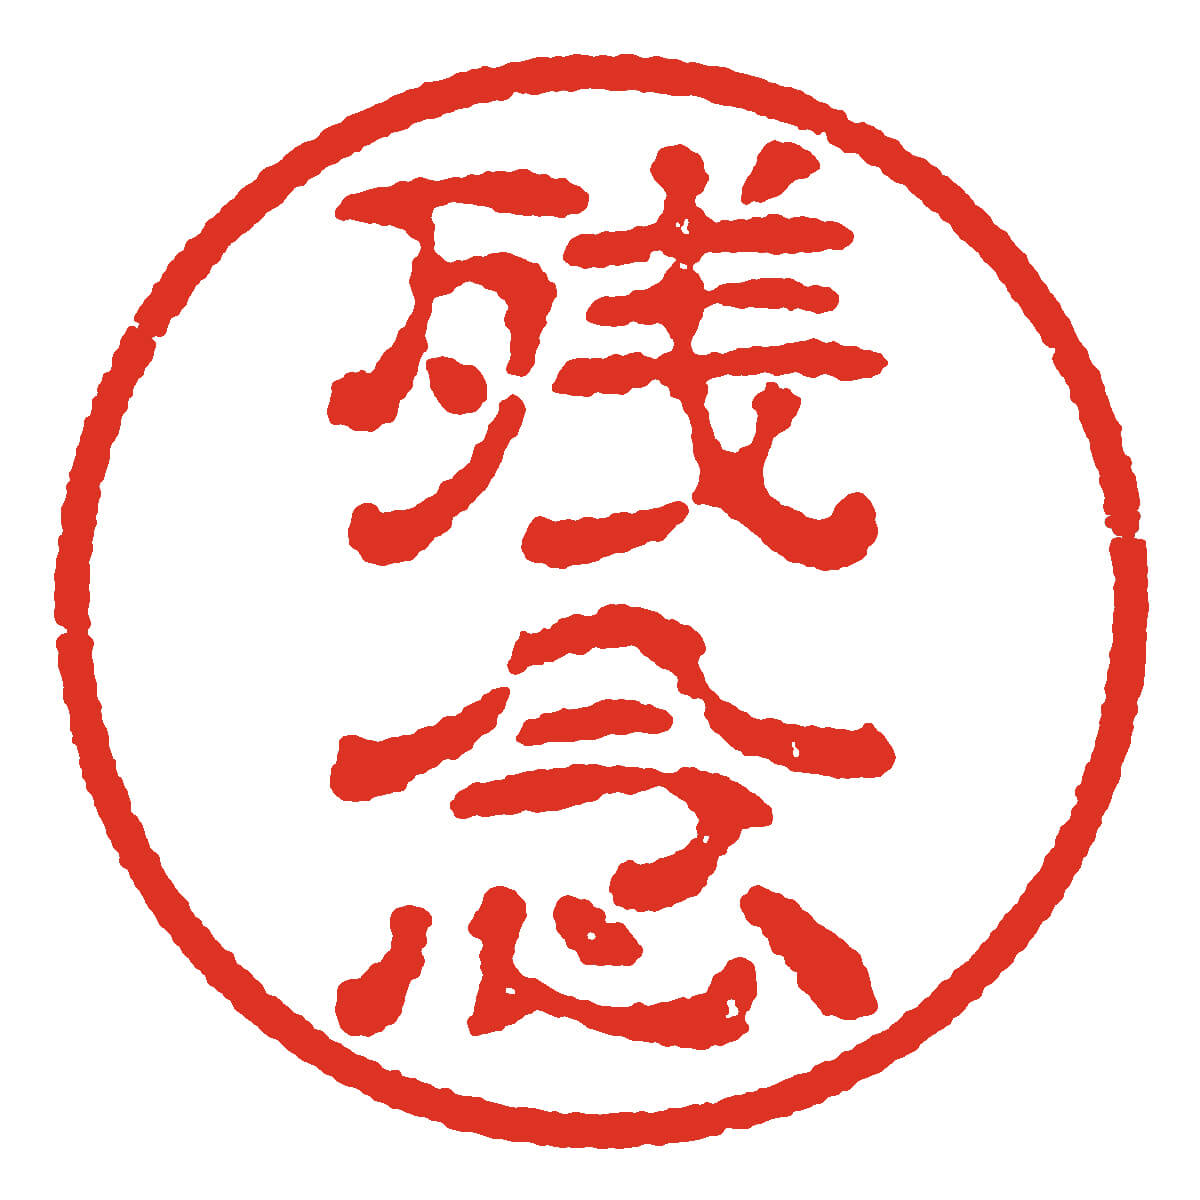 【漢字検定3級】無勉強…!舐めてかかって無惨にも敗北した話!